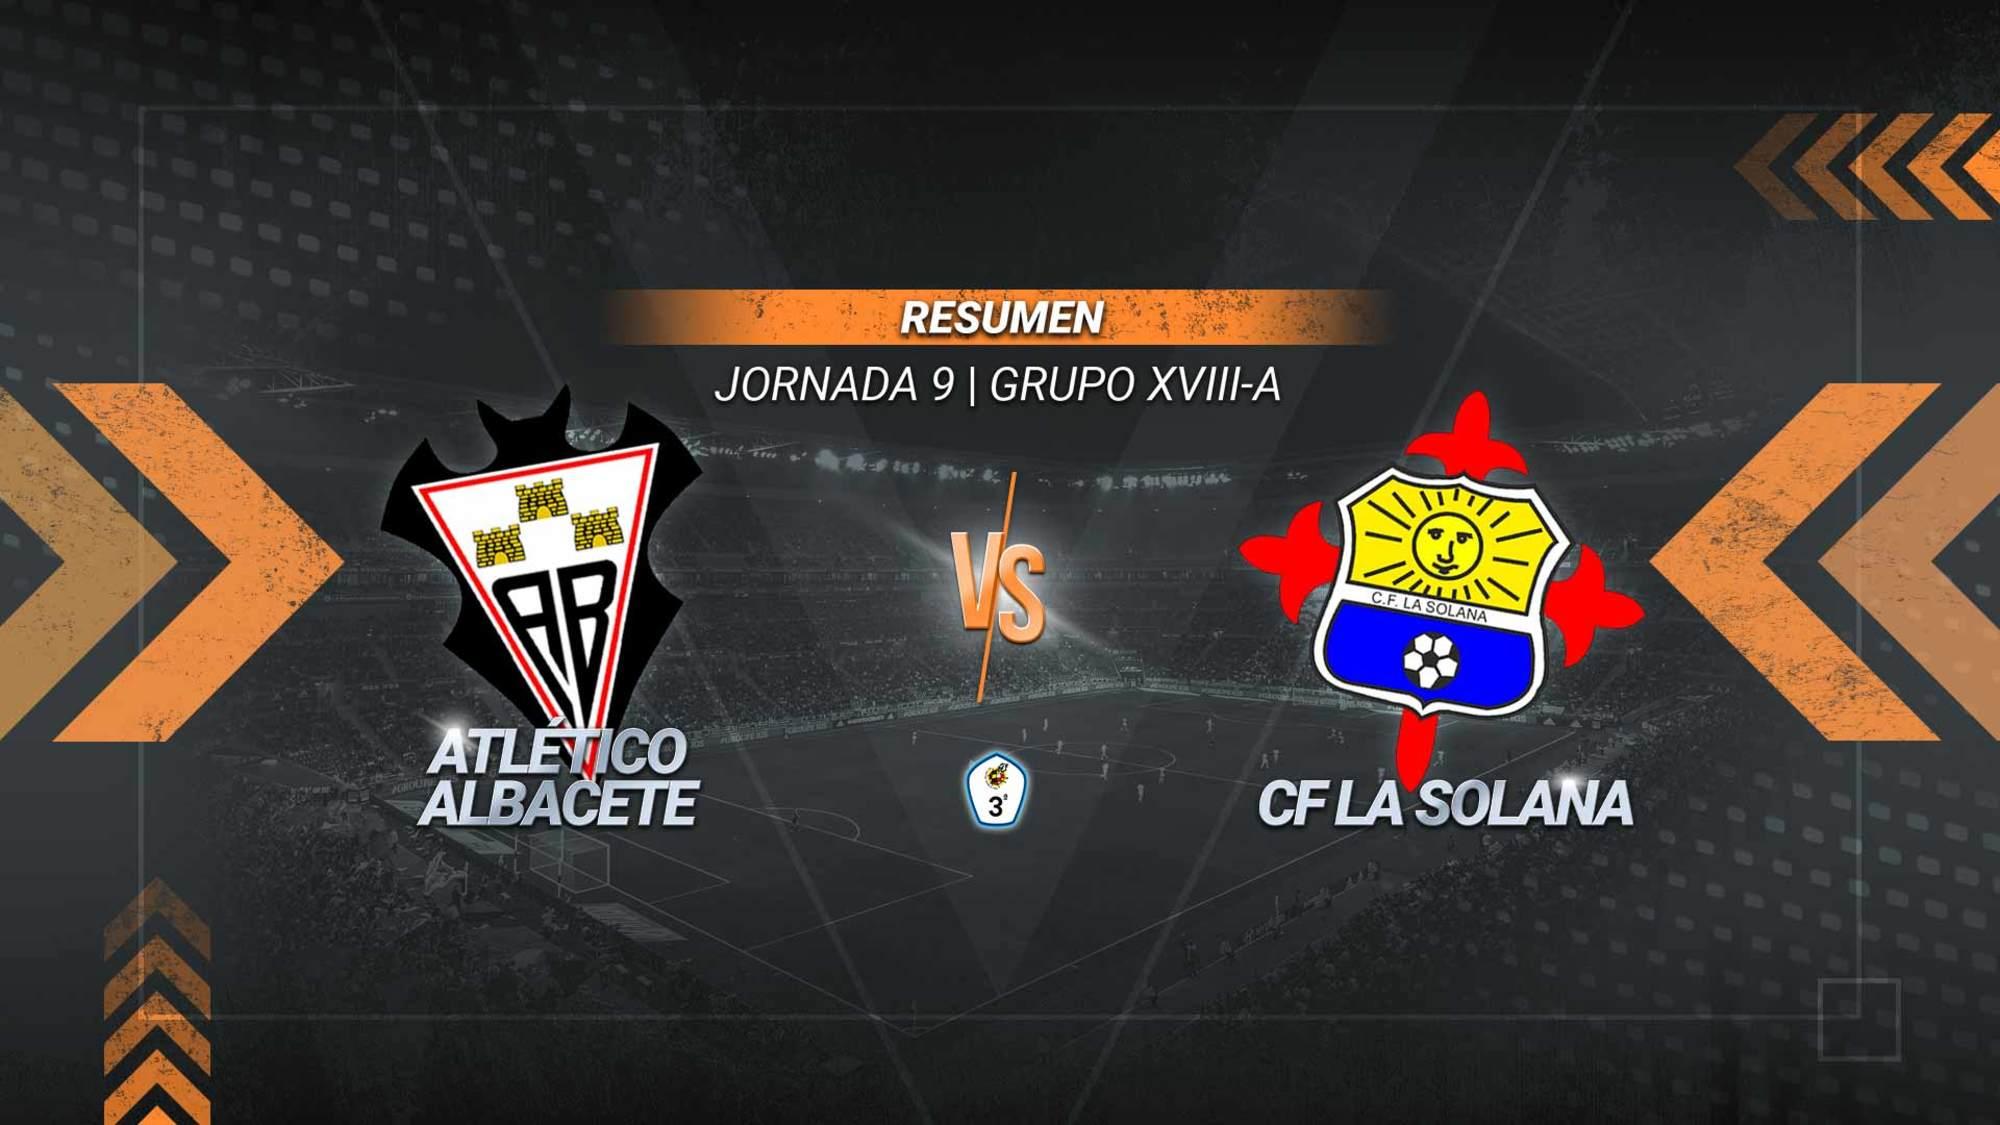 El Atlético Albacete pasa por encima de La Solana y se mantiene líder del subgrupo A. Los goles de Borja, Víctor y Vargas sirven al filial para sumar su tercer triunfo consecutivo. El conjunto solanero se queda en la parte baja de la tabla con cinco puntos.